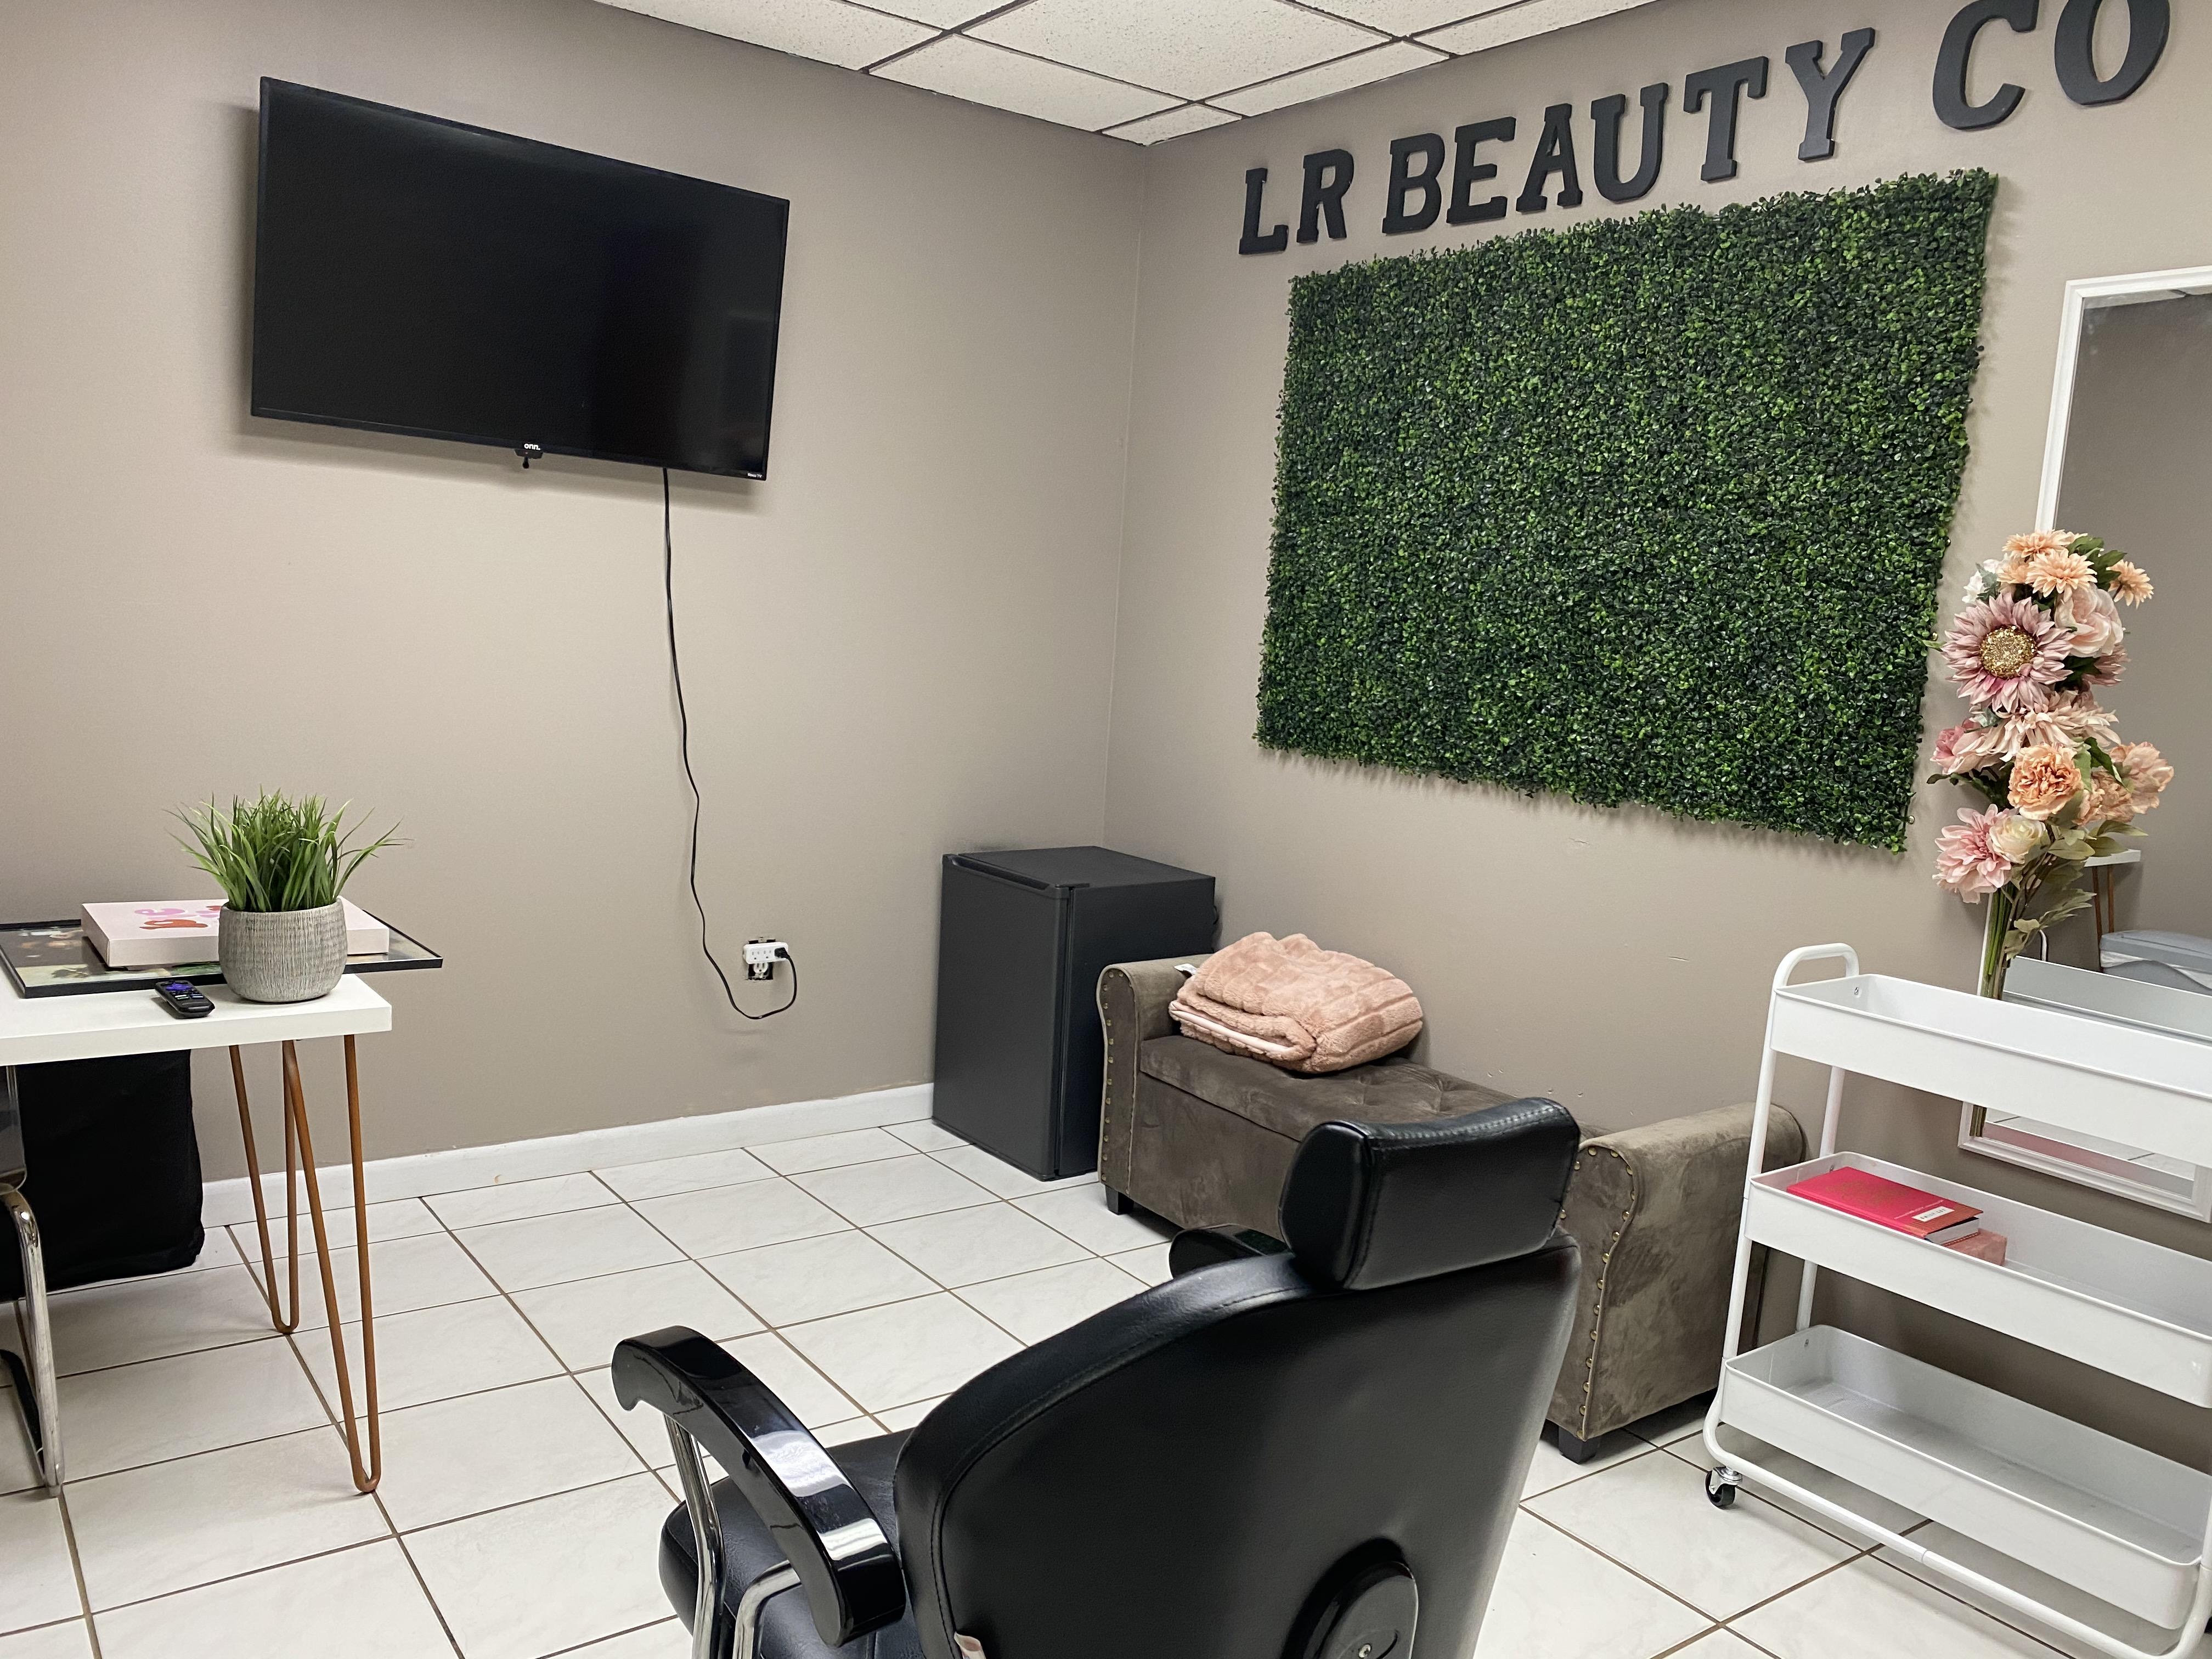 lr-beauty-co.-studio-1-1.jpg